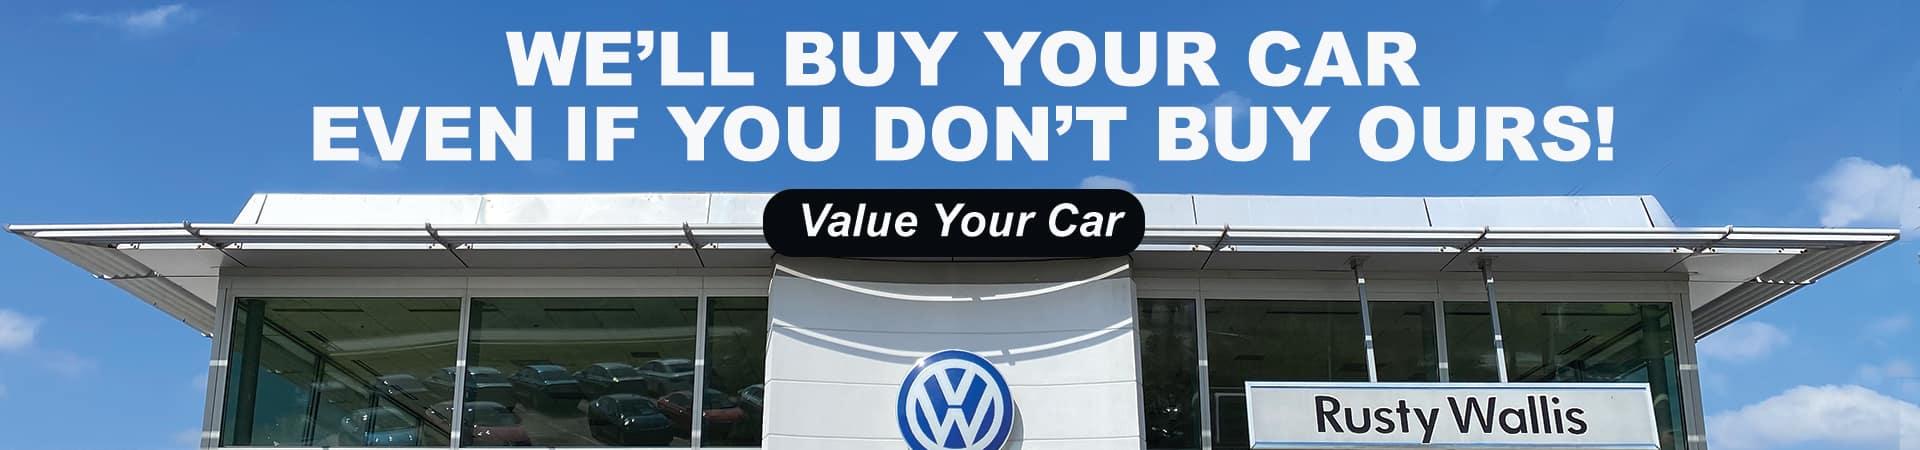 Volkswagen We Will Buy Your Car